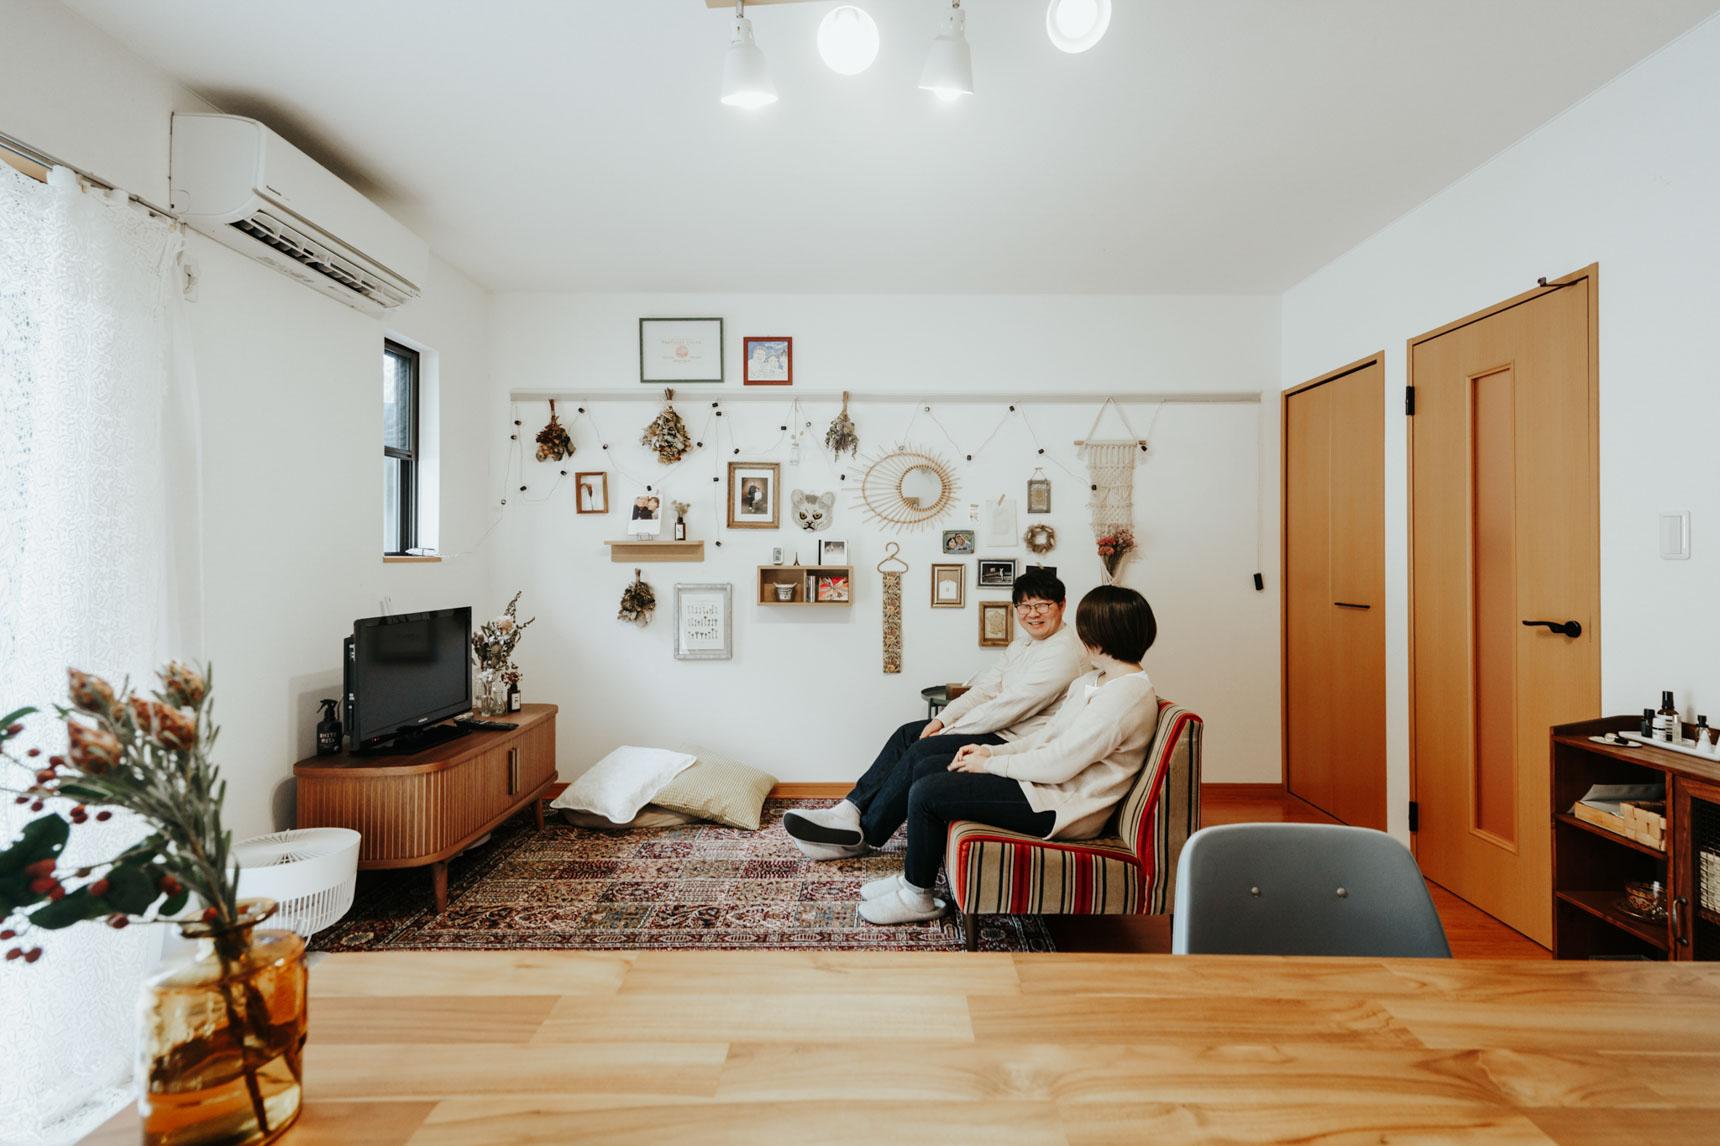 「ちょっと郊外。ゆとりある暮らしを楽しむ2LDKインテリア」こちらの記事もチェック!